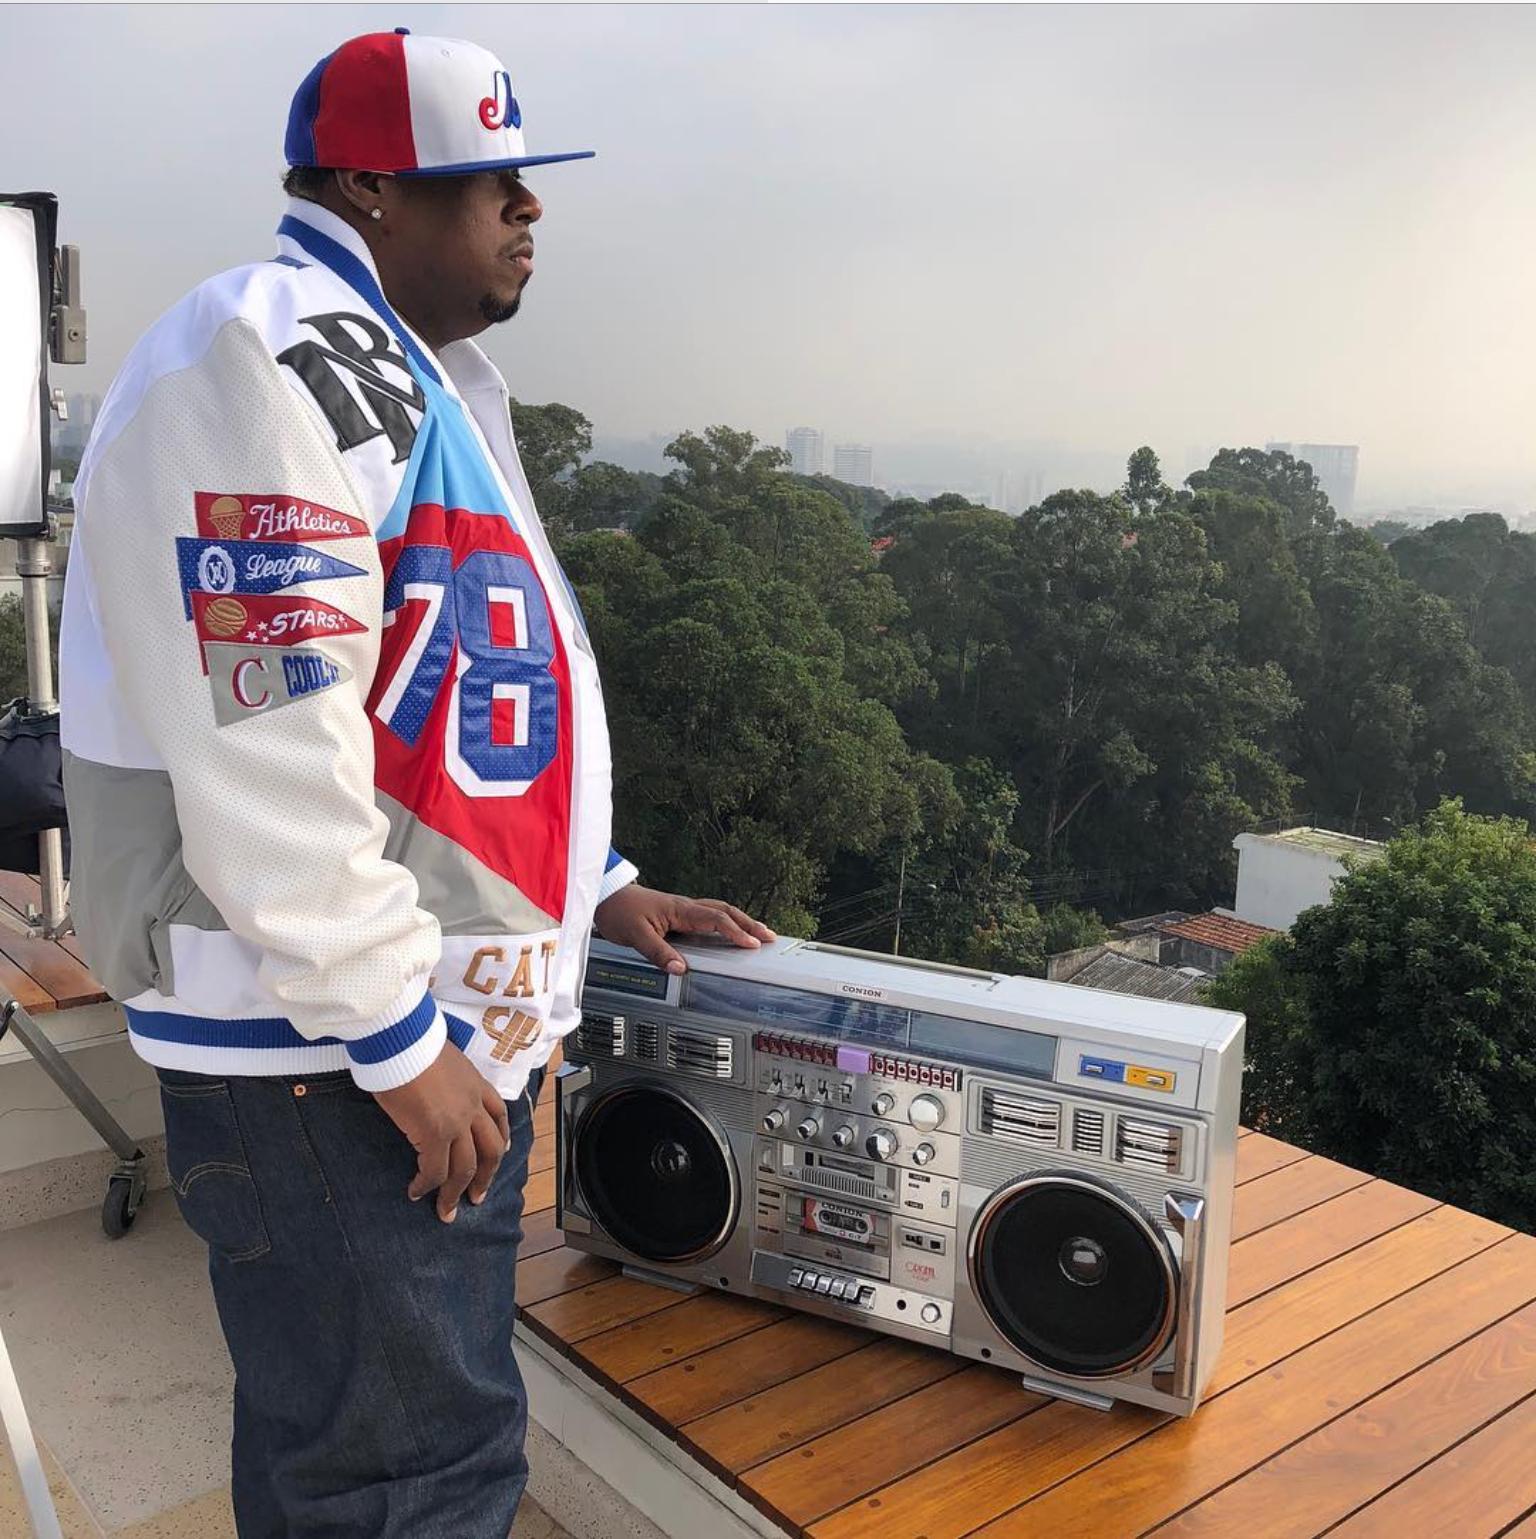 Stevie B participa de projeto inédito de funk brasileiro ao lado do DJ do 50 Cent Chubby Chub